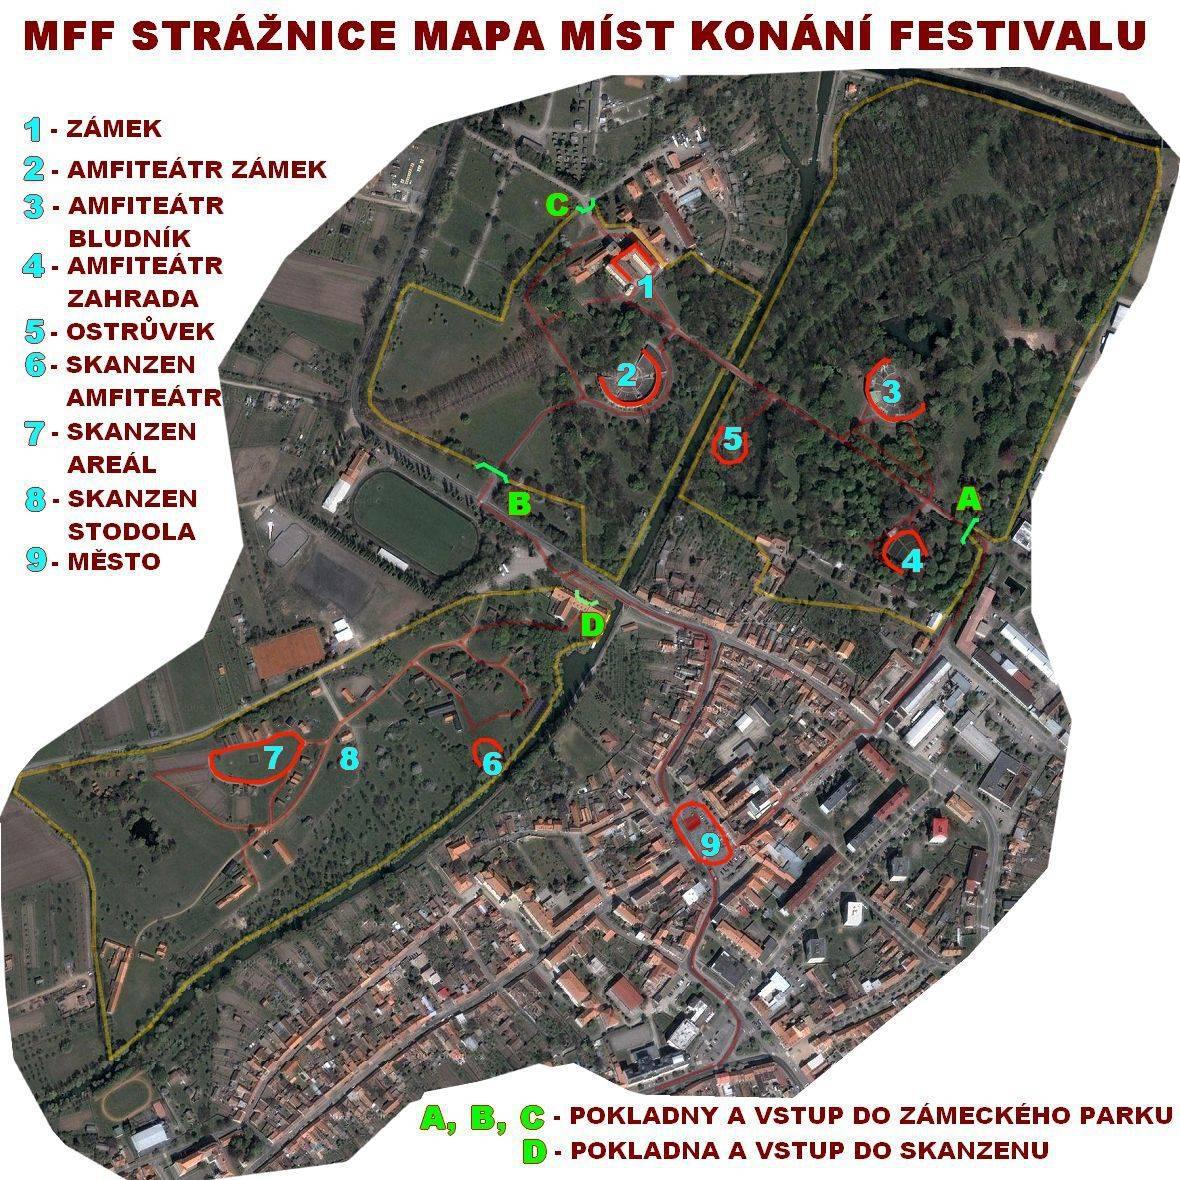 Mapa míst konání festivalu ve Strážnici